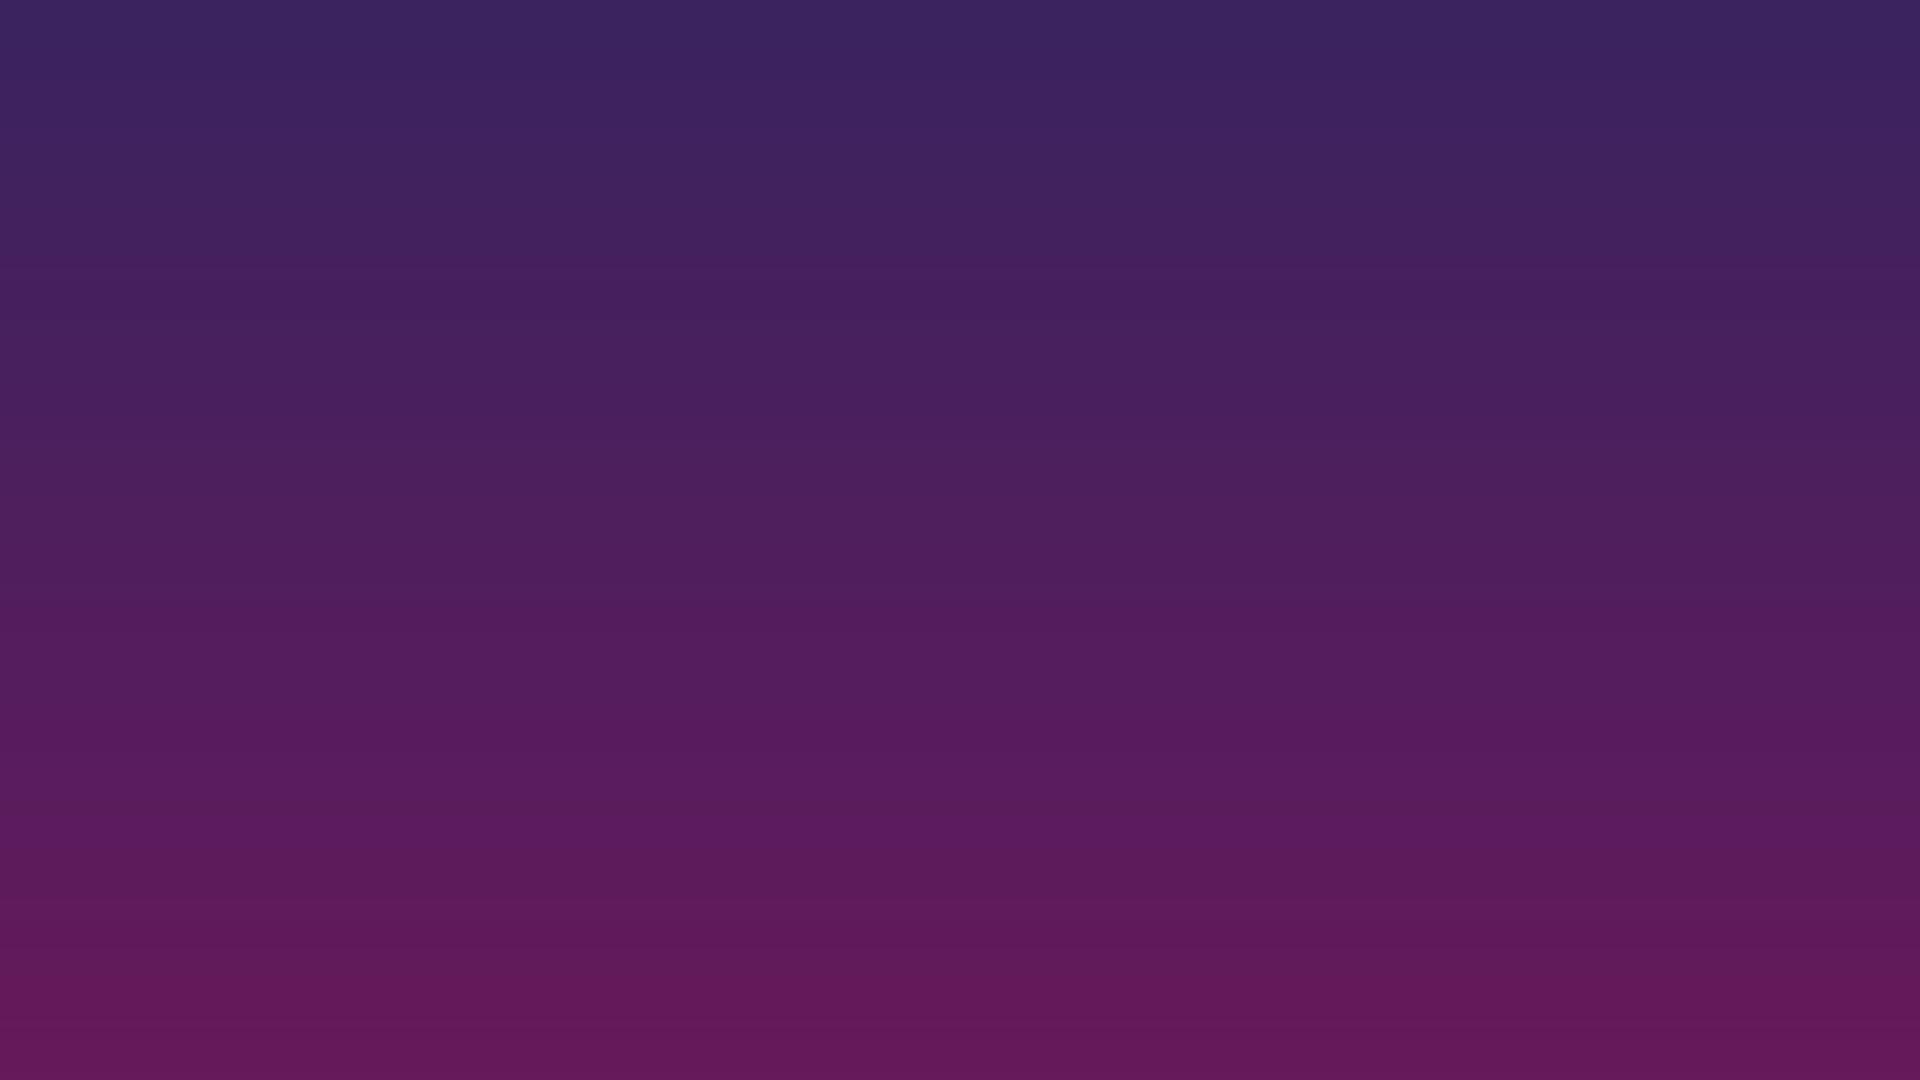 background_gradient_su